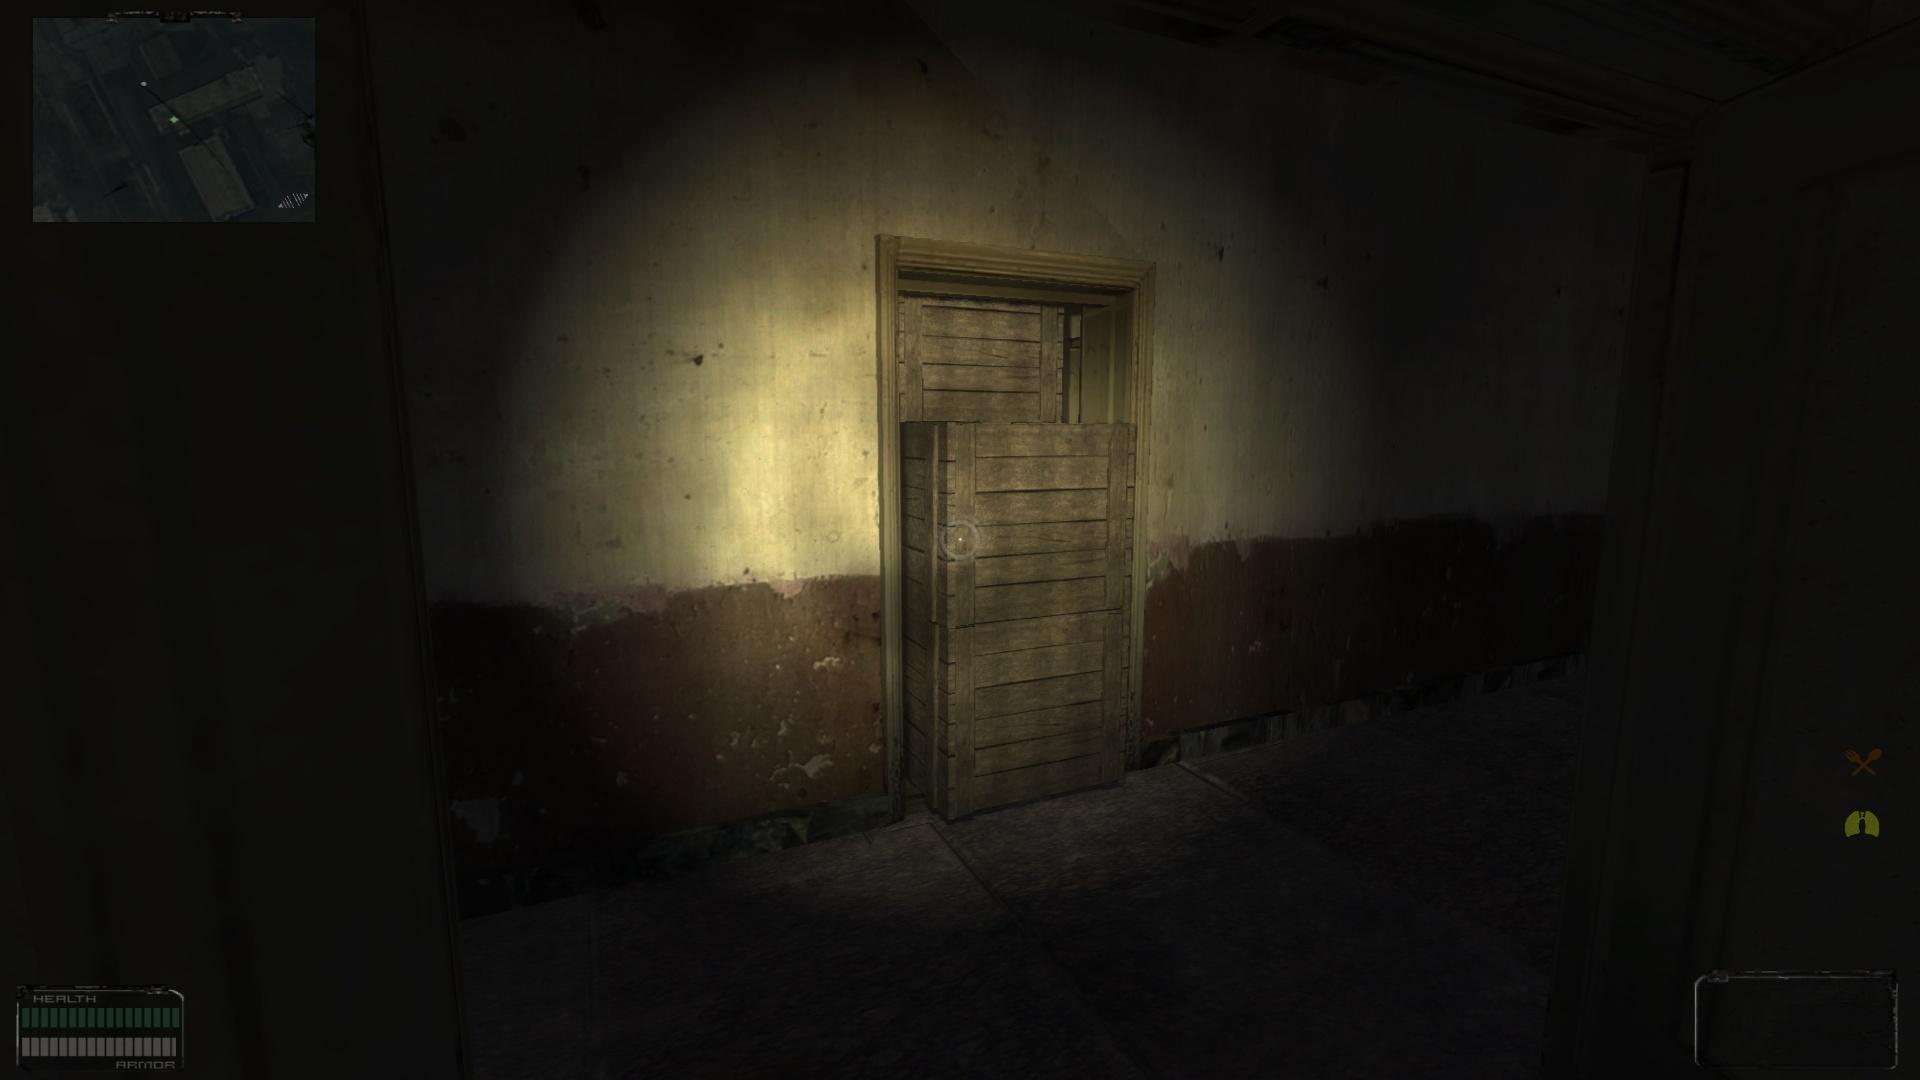 Oblivion Lost Remake 2.5 image 443